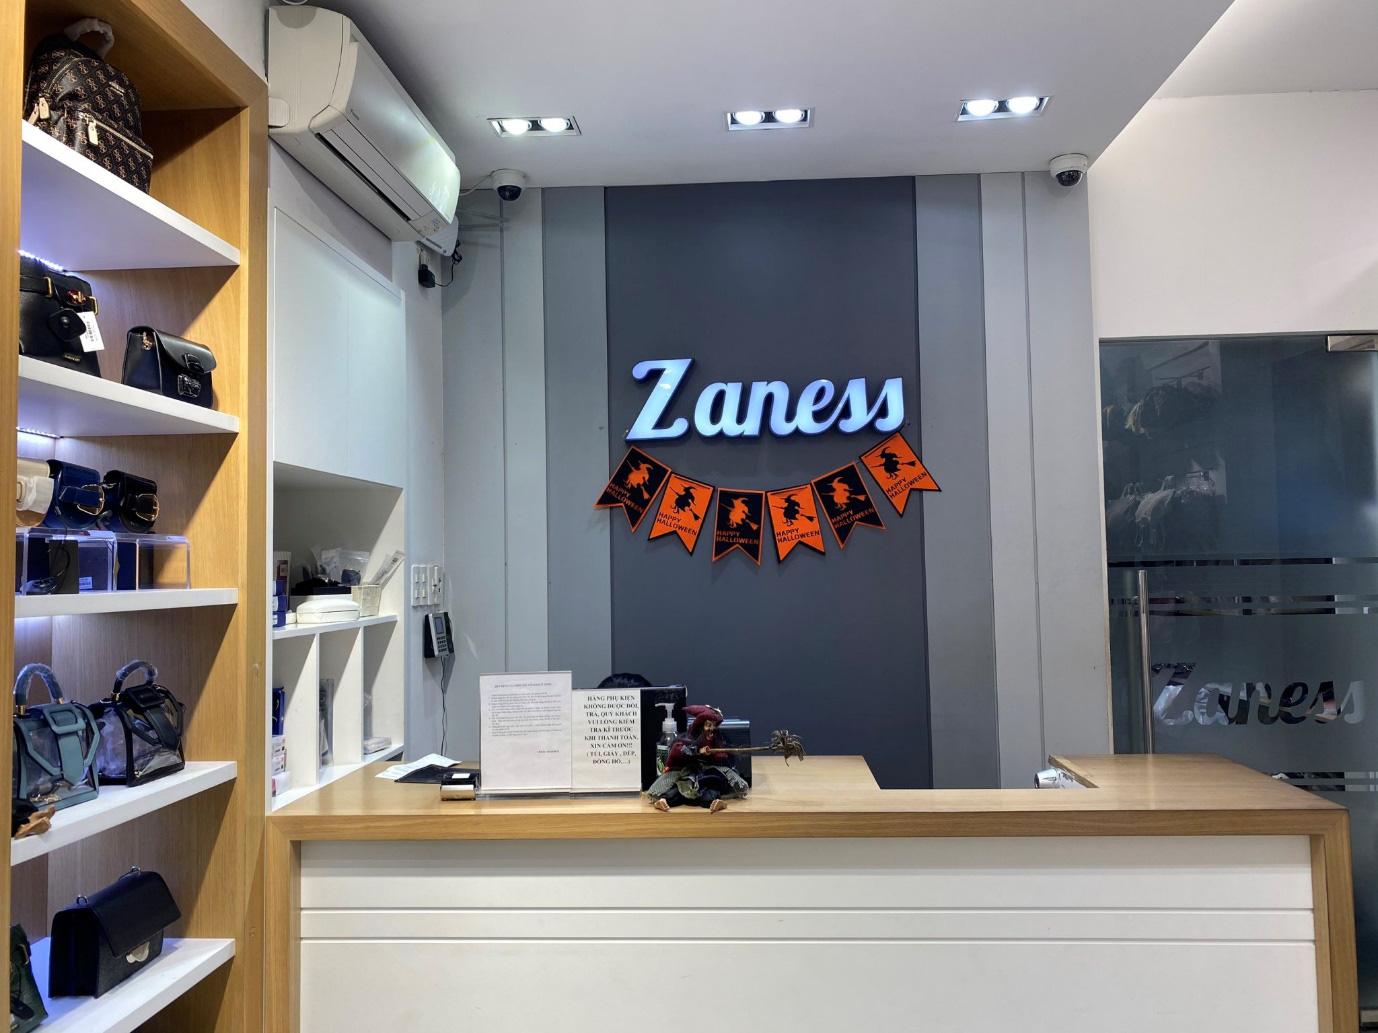 Zaness Hàng Xuất Khẩu – Thương hiệu thời trang đón đầu xu hướng dành cho giới trẻ - Ảnh 1.